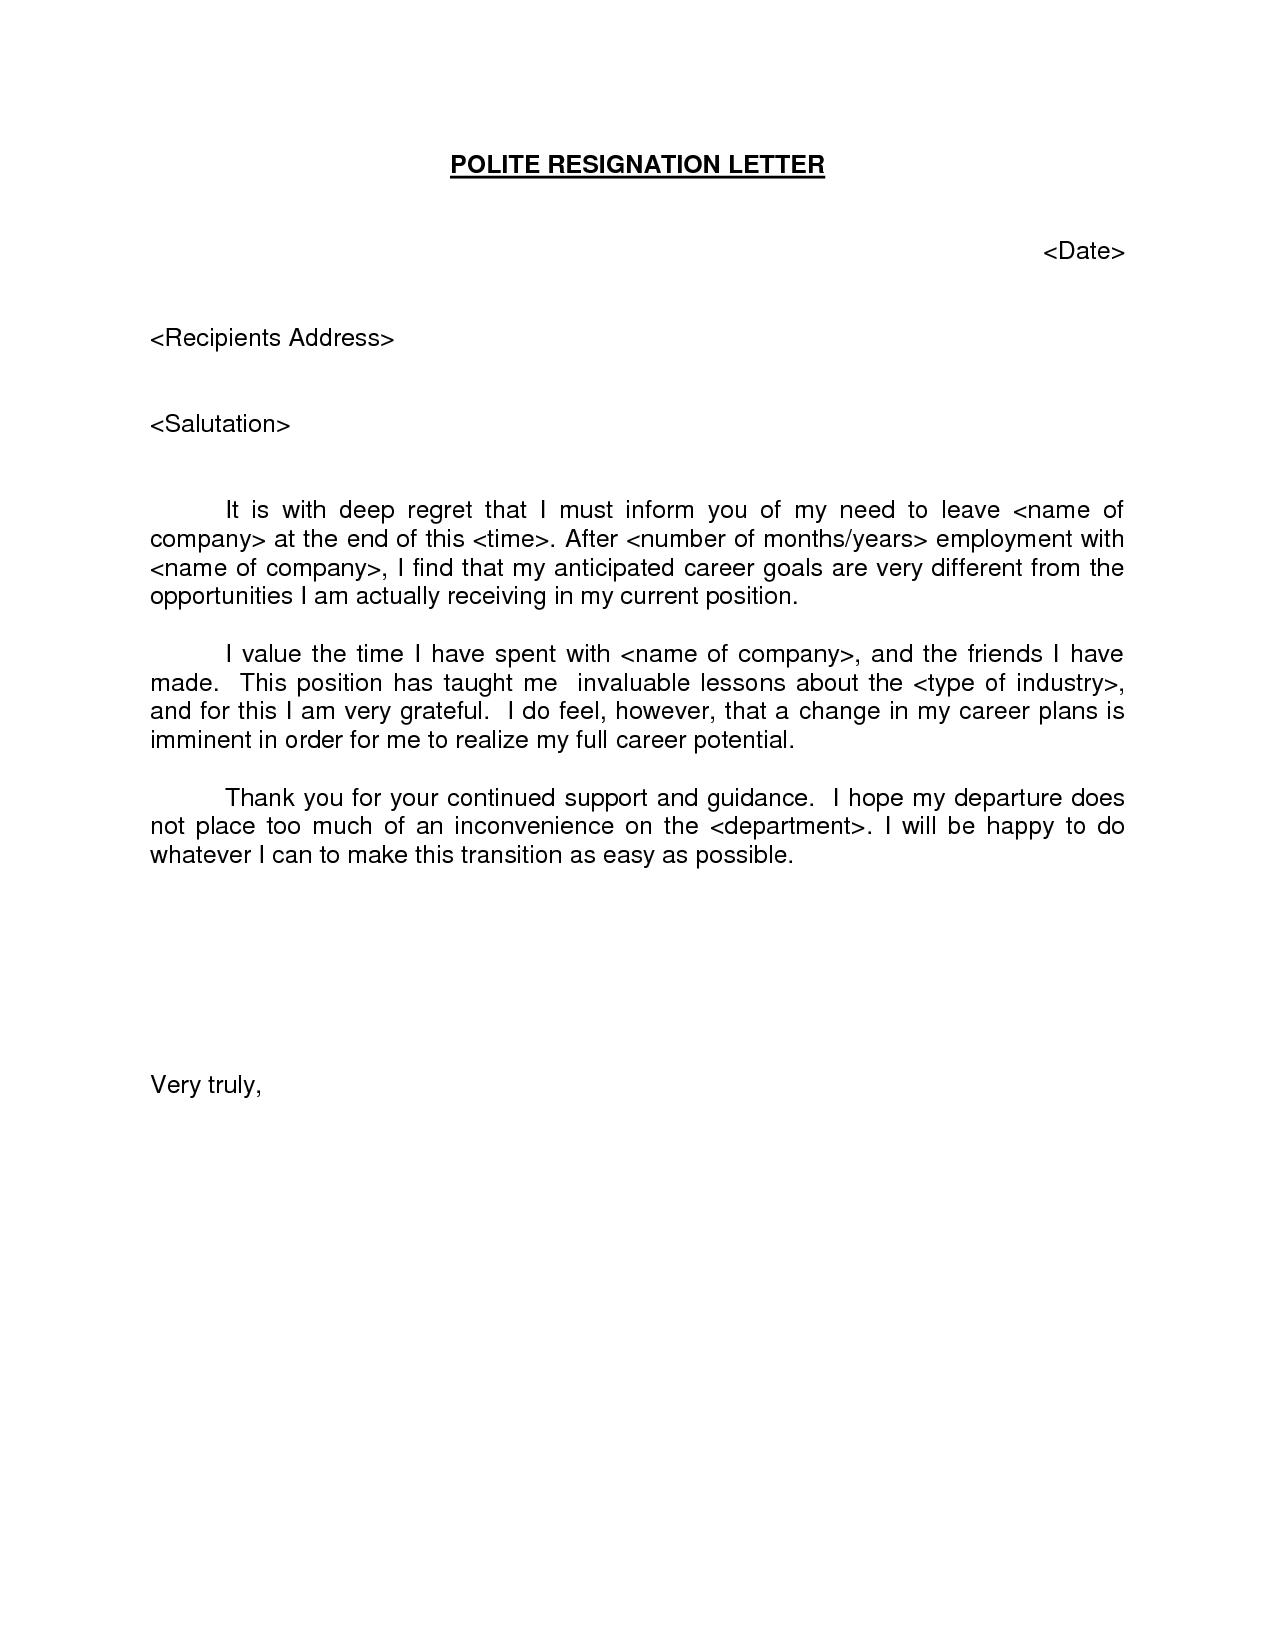 Work Resignation Letter Template - Polite Resignation Letter Bestdealformoneywriting A Letter